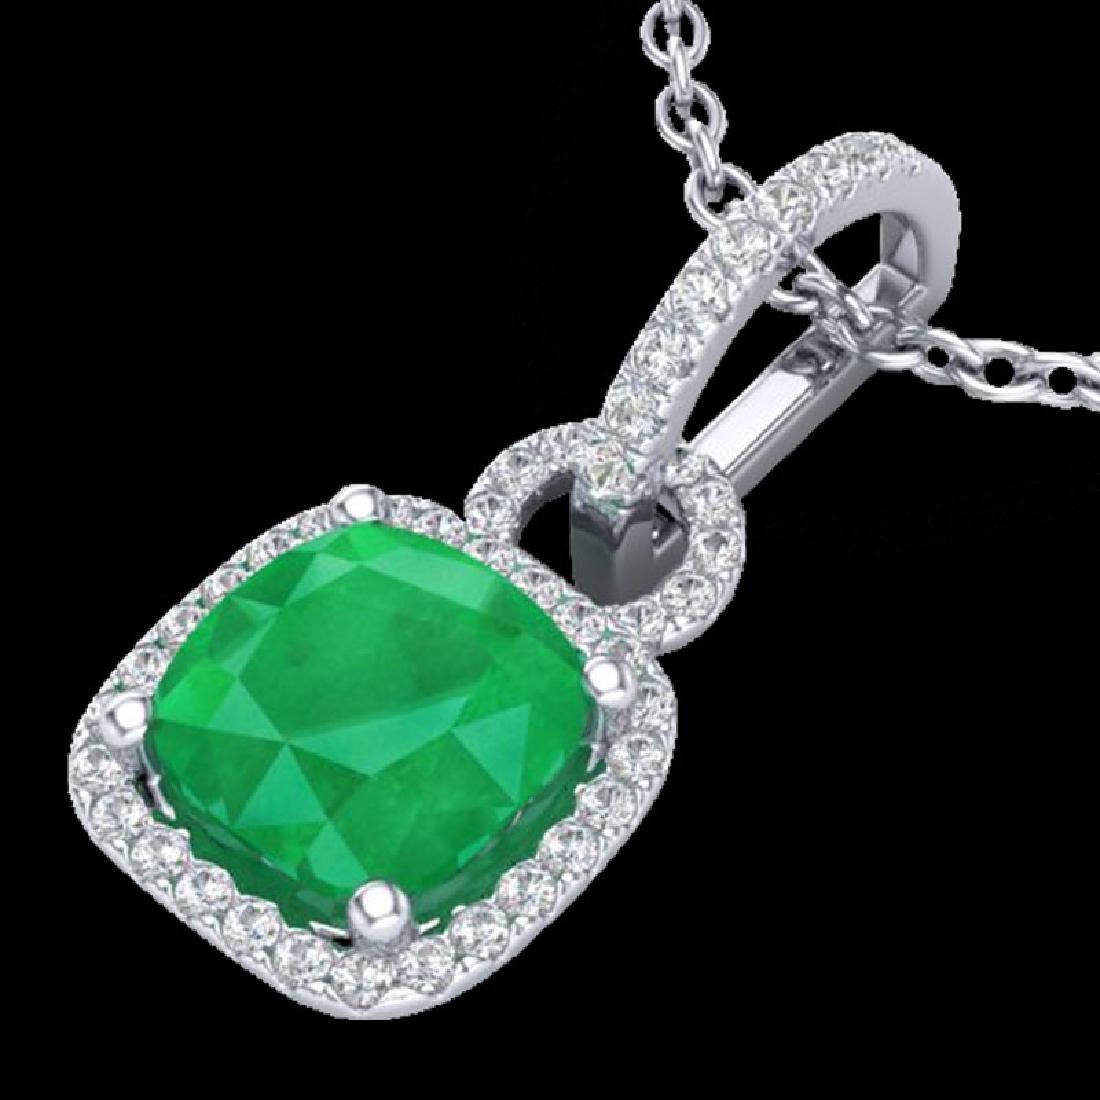 3 CTW Emerald & Micro VS/SI Diamond Necklace 18K White